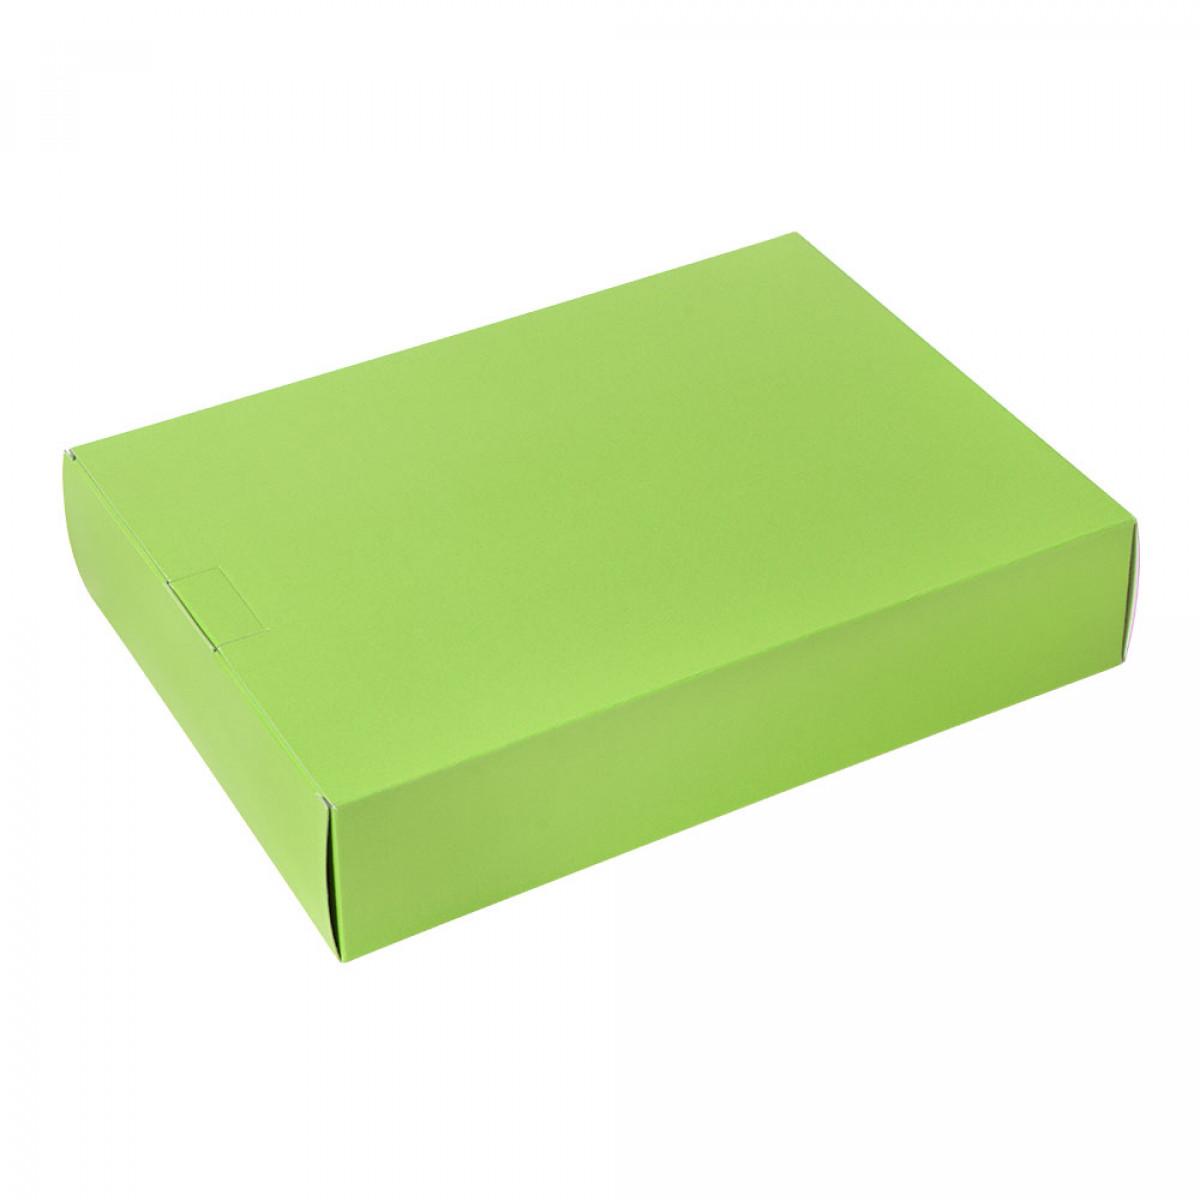 Packbox 420x305x90mm, Appelgroen